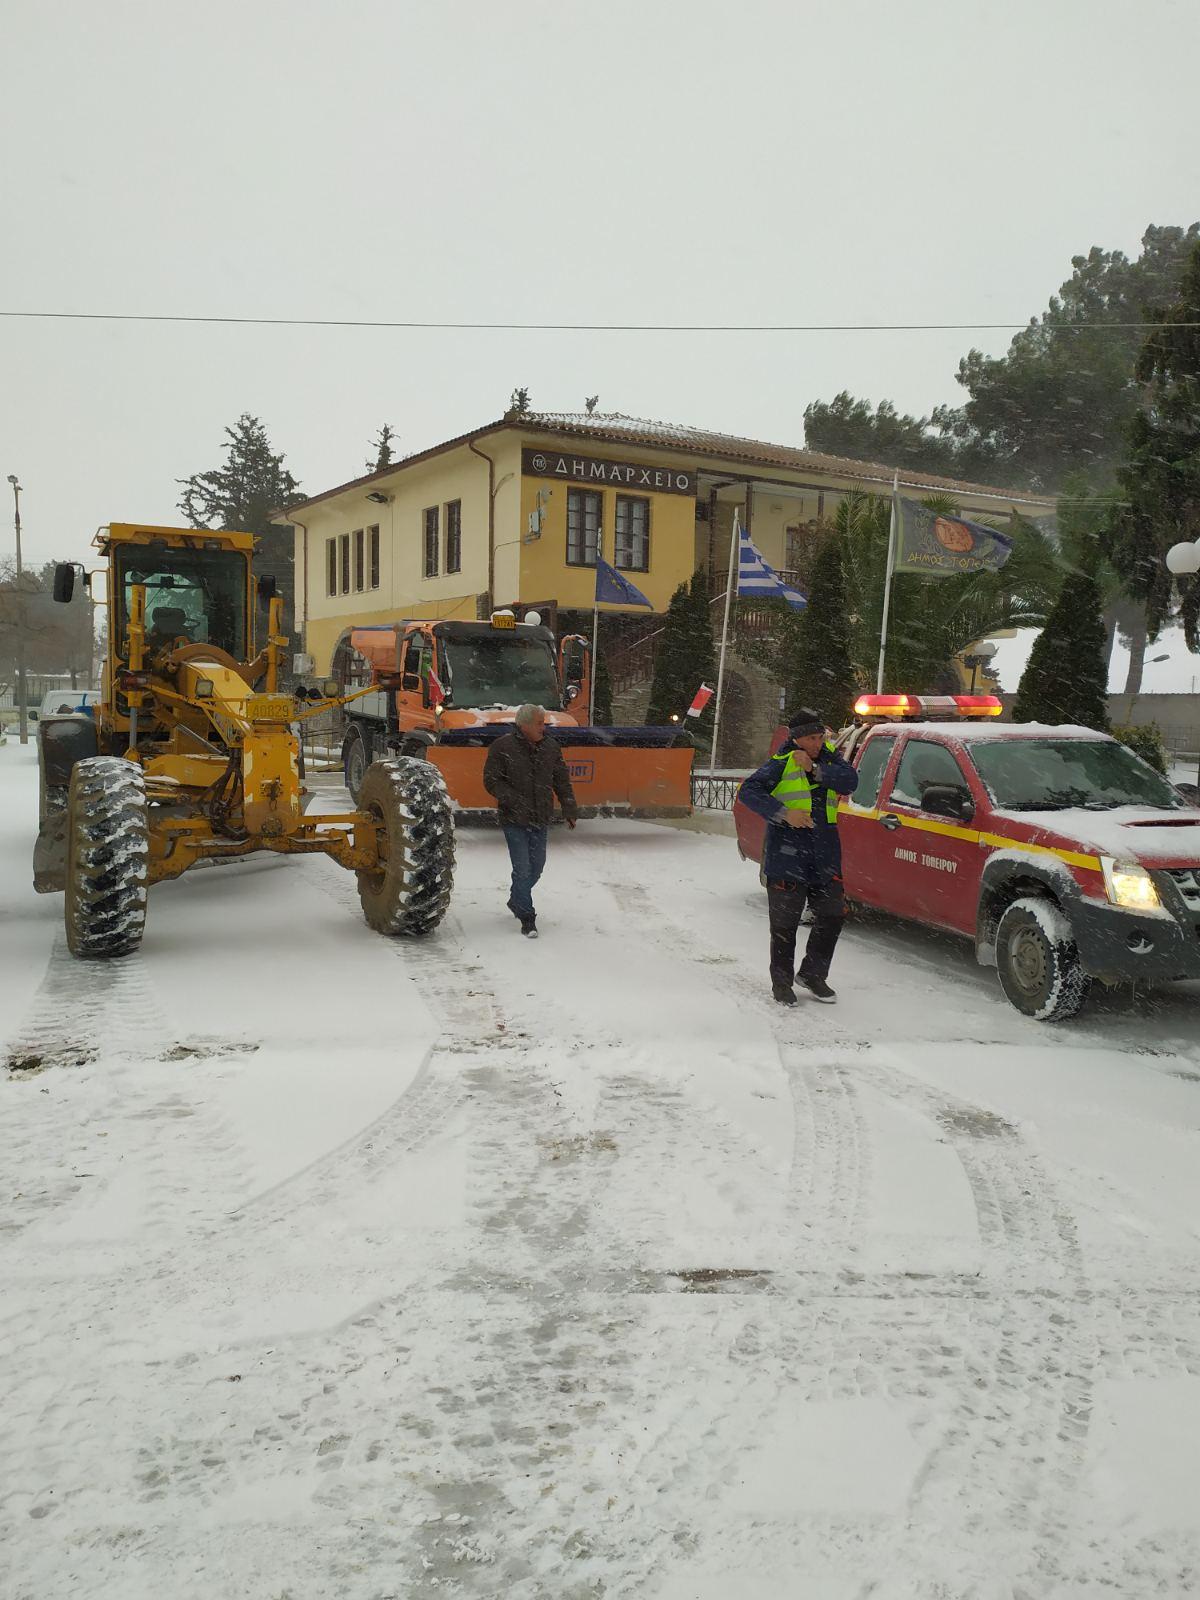 Σε επιφυλακή η Πολιτική Προστασία του Δήμου Τοπείρου για τον χιονιά